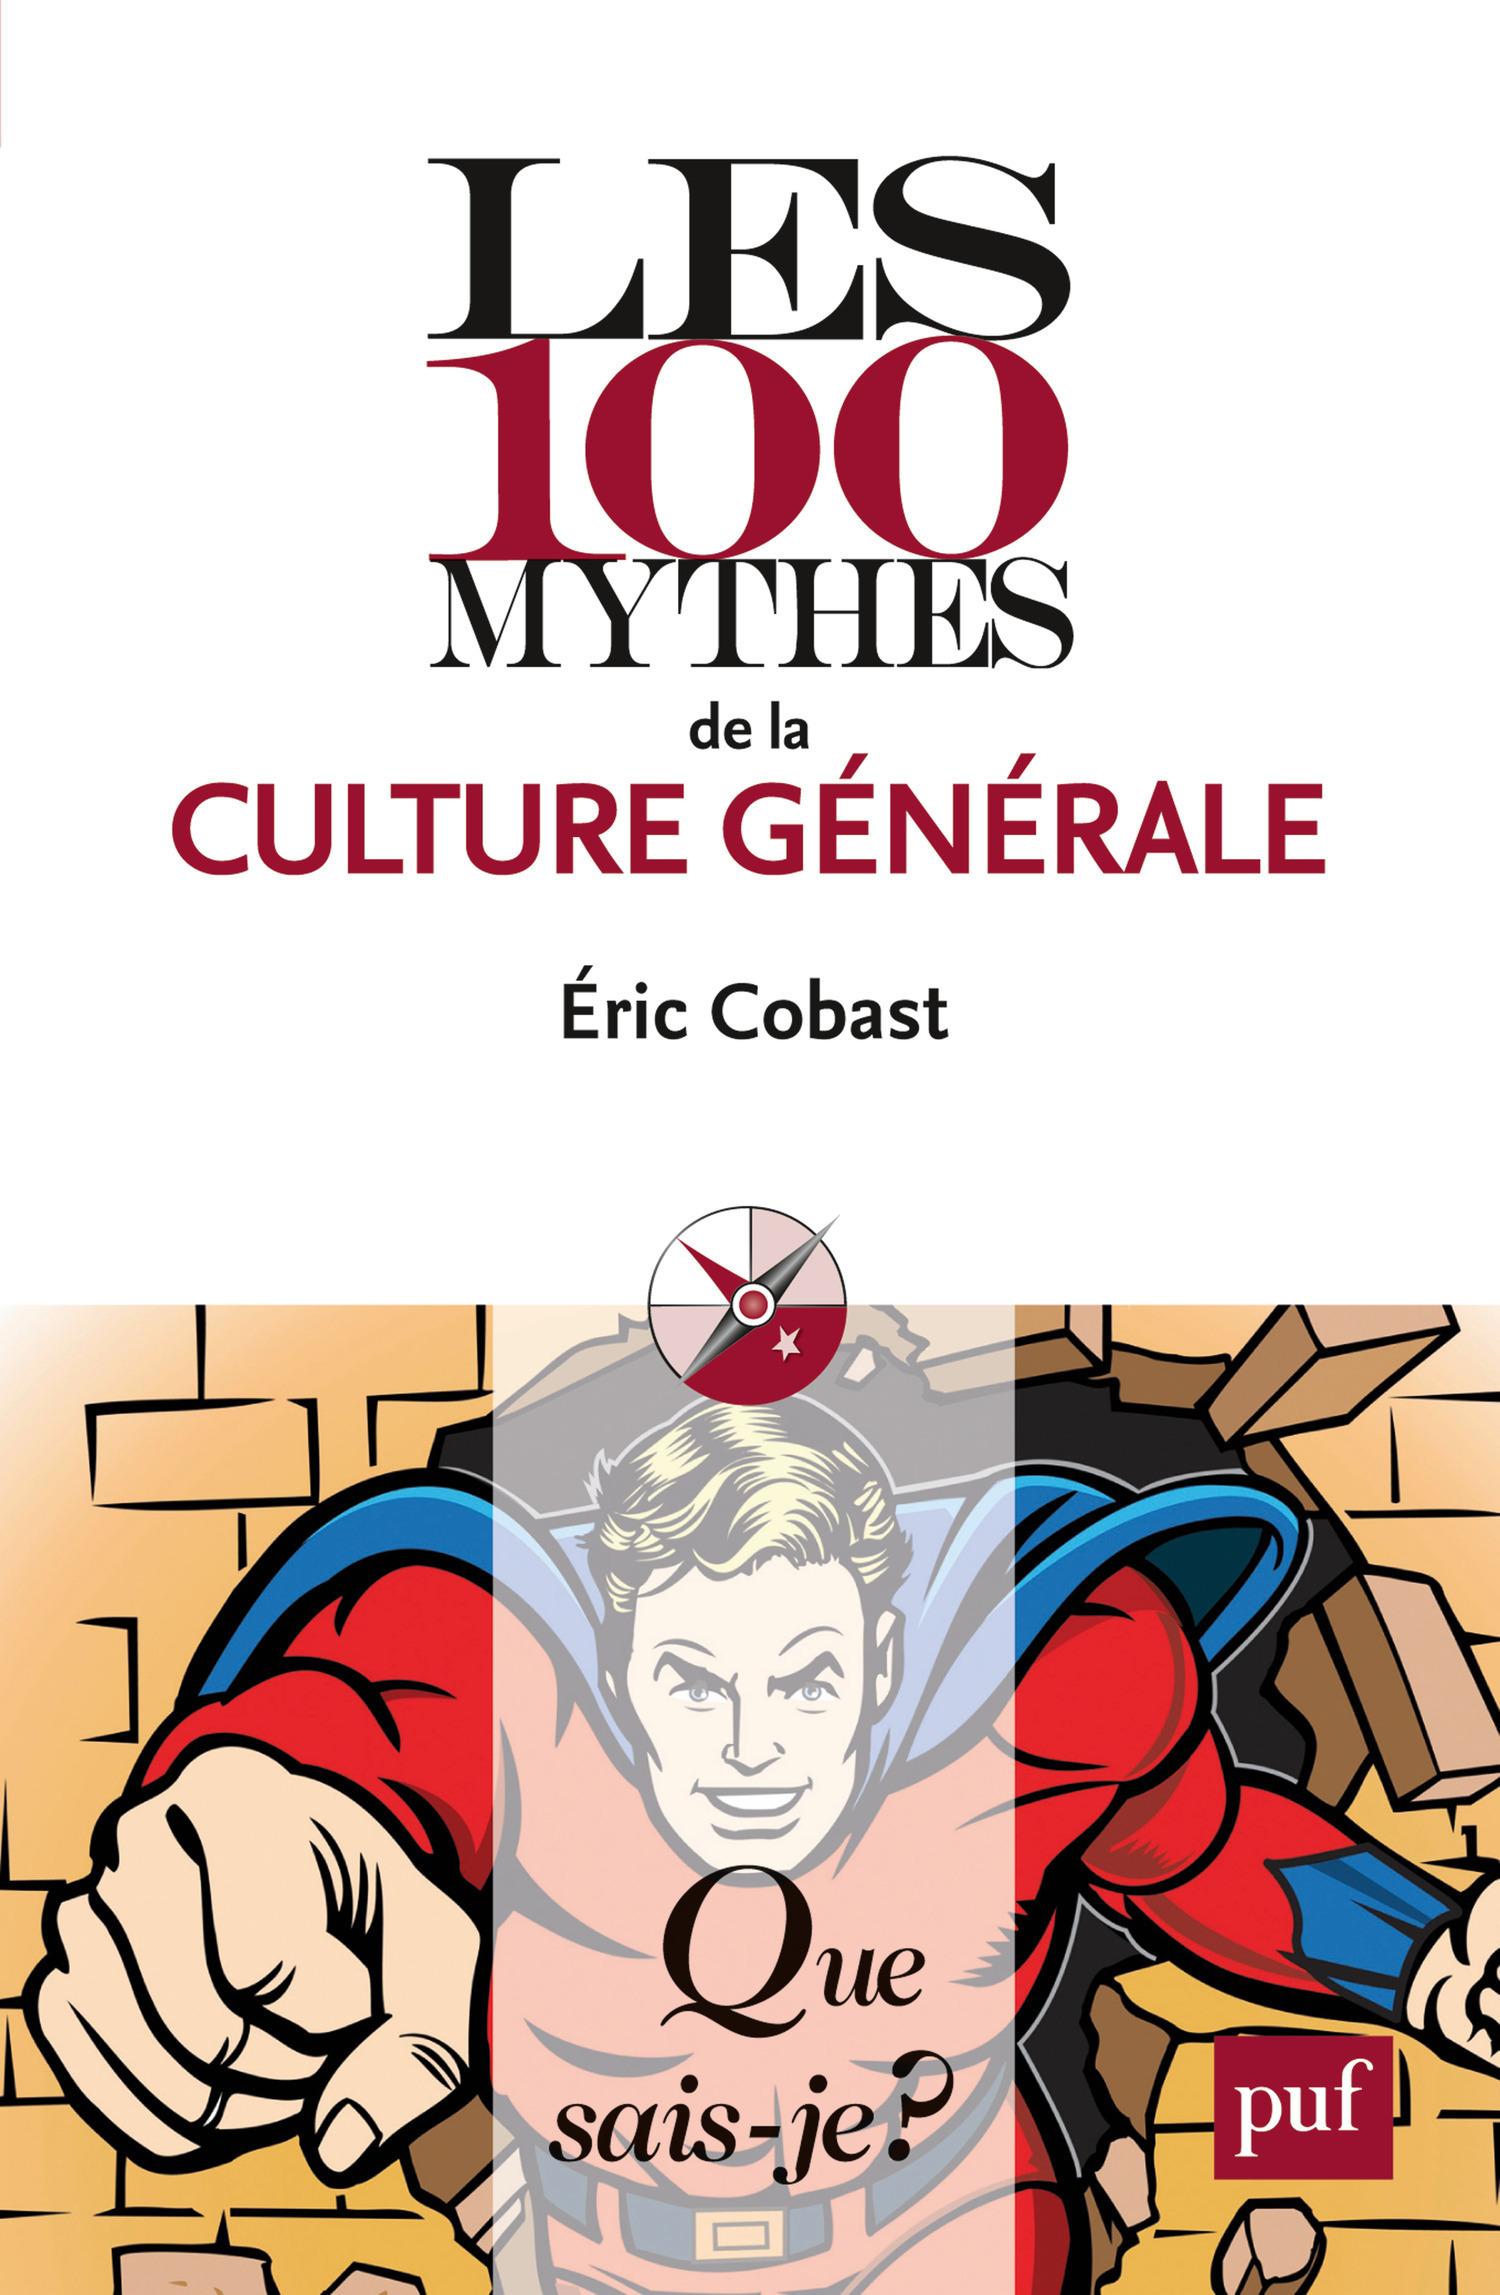 les 100 mythes de la culture générale (2e édition) (2e édition)